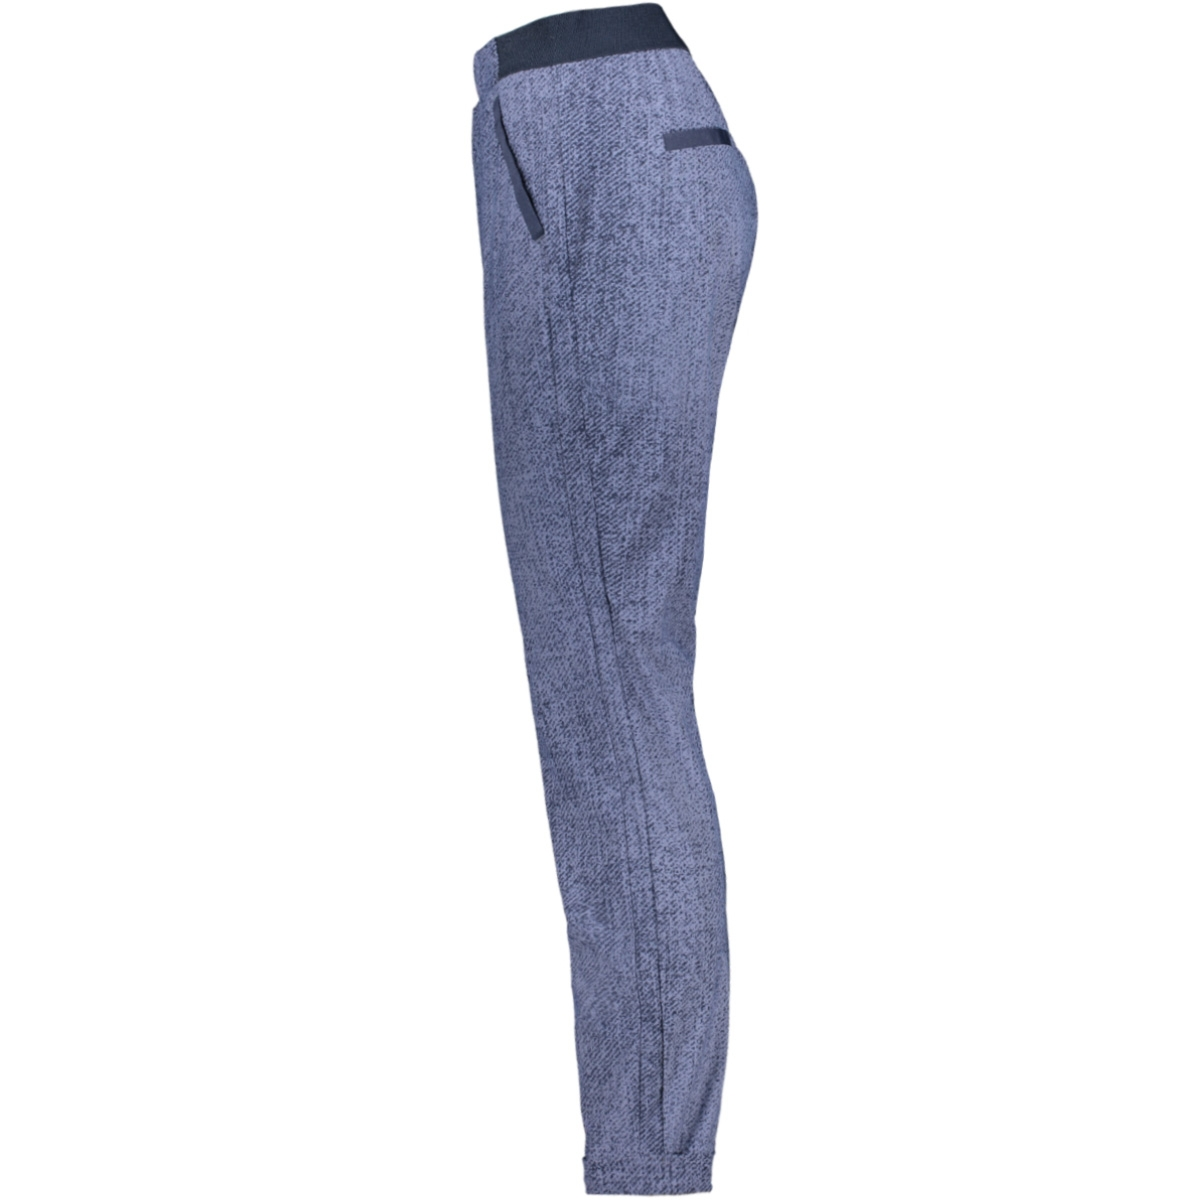 pants jersey long 24001625 sandwich broek 41027 blue grey